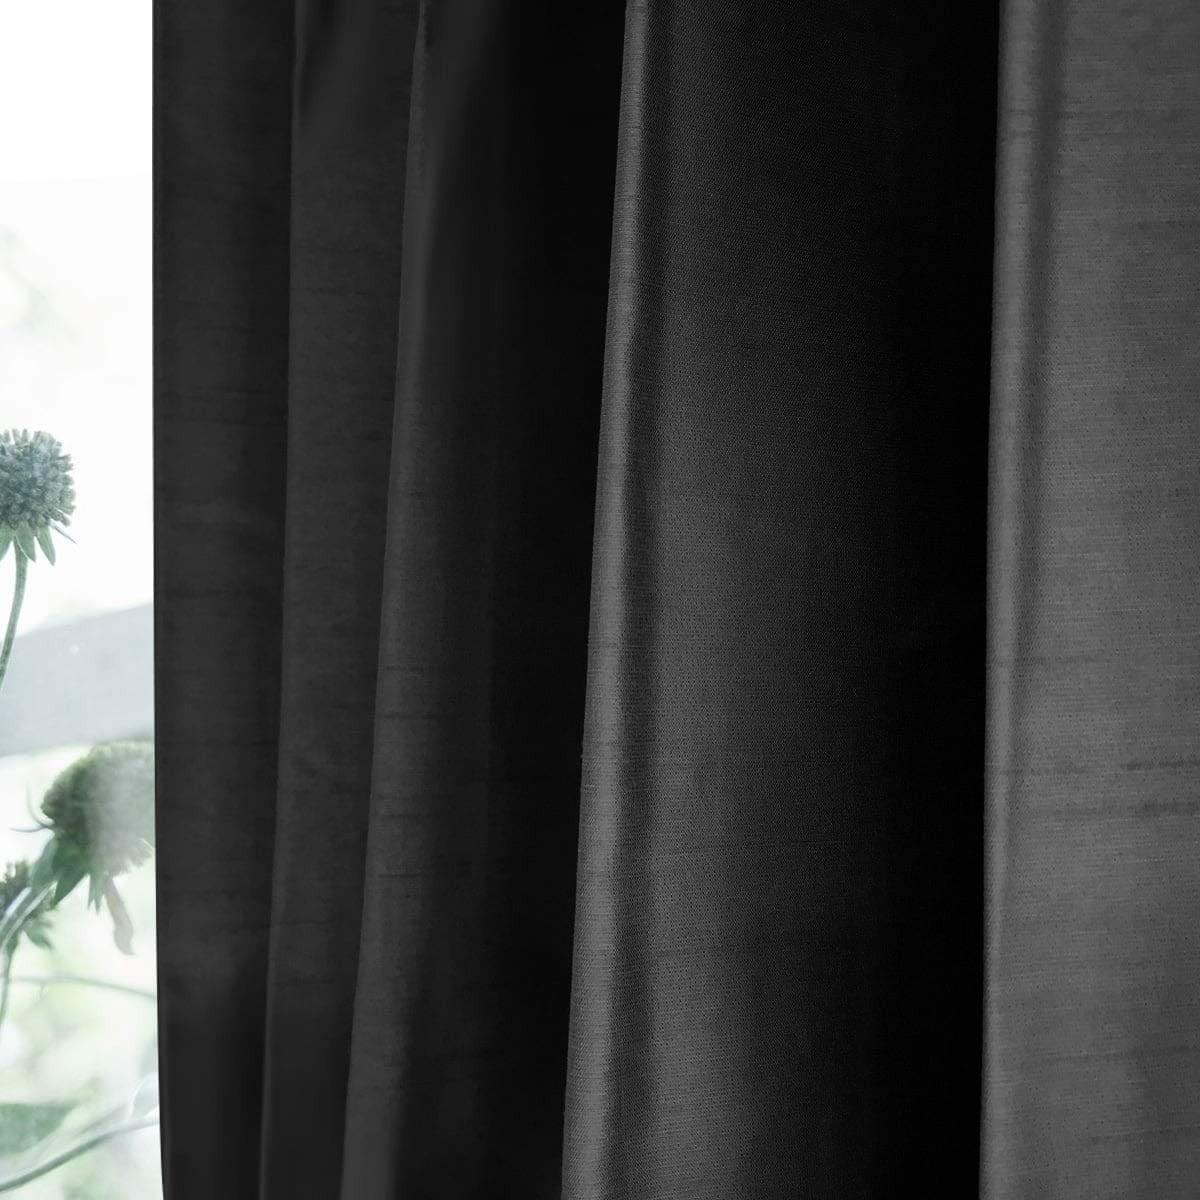 シャイニー/ブラック 完全遮光 1級遮光 遮熱・断熱 防音 形状記憶加工 ウォッシャブル カーテン 2枚入 / Aフック サイズ(幅×丈):100×200cm kso-032-100-200